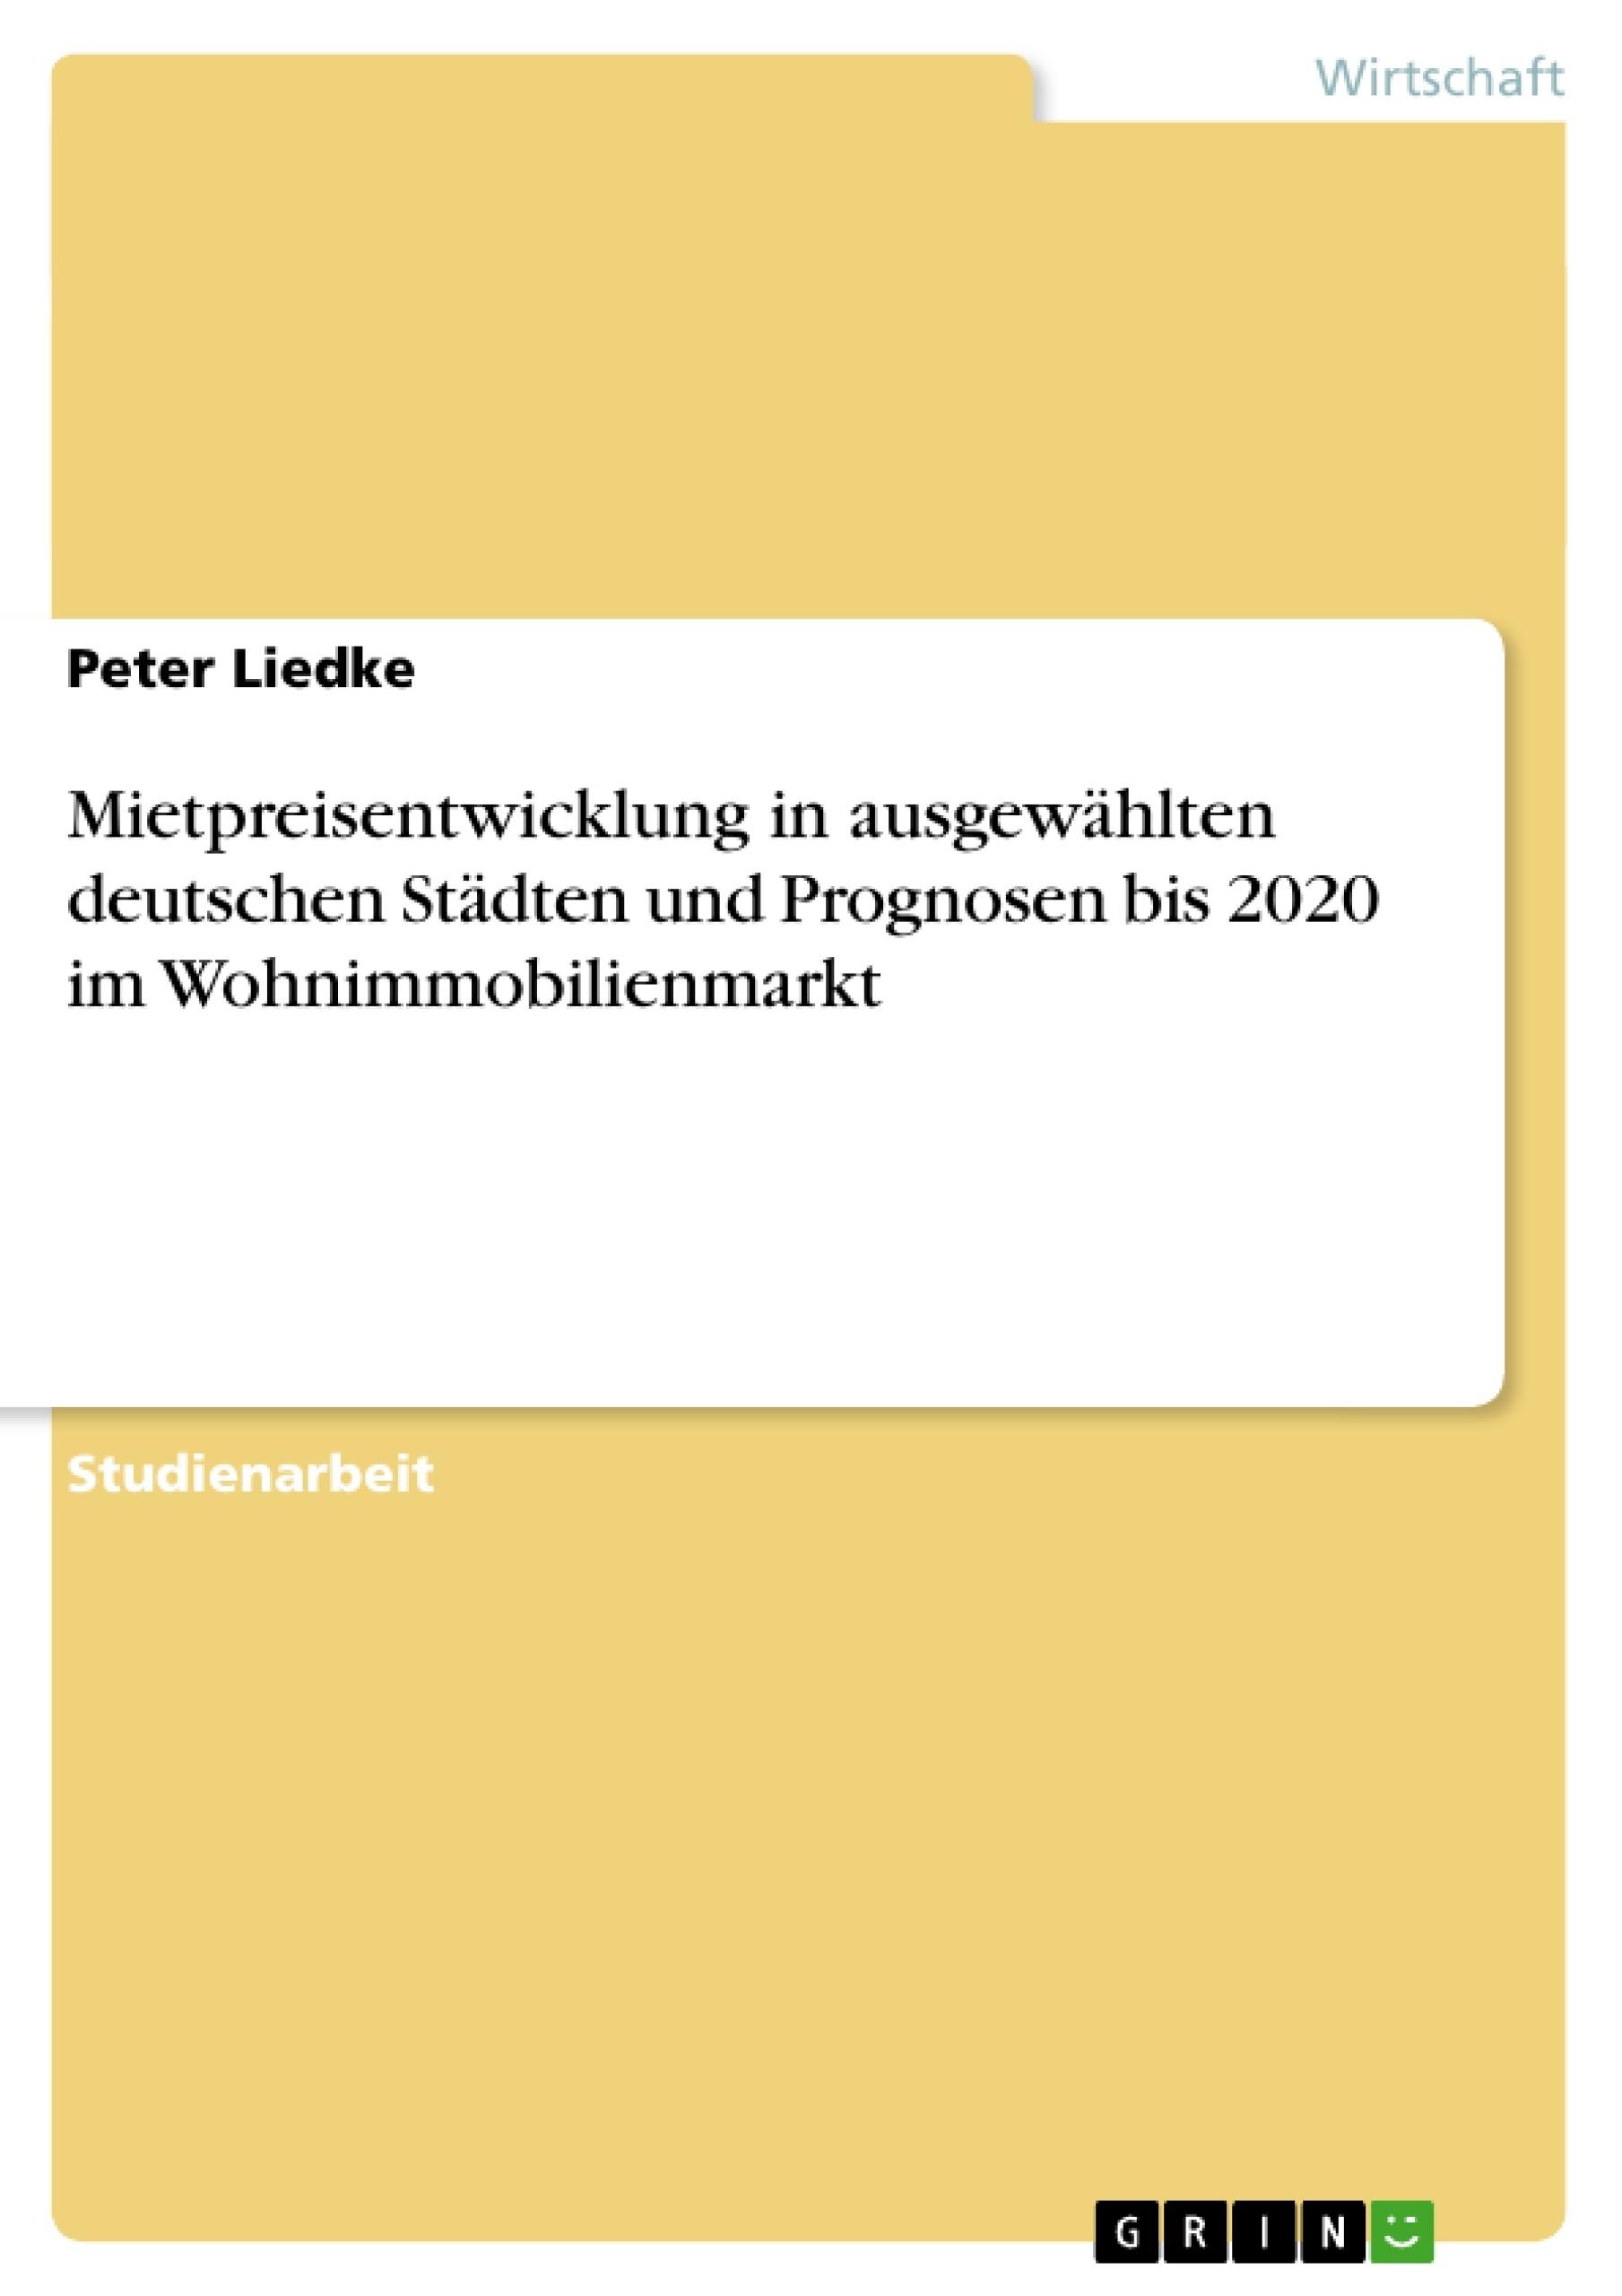 Titel: Mietpreisentwicklung in ausgewählten deutschen Städten und Prognosen bis 2020 im Wohnimmobilienmarkt